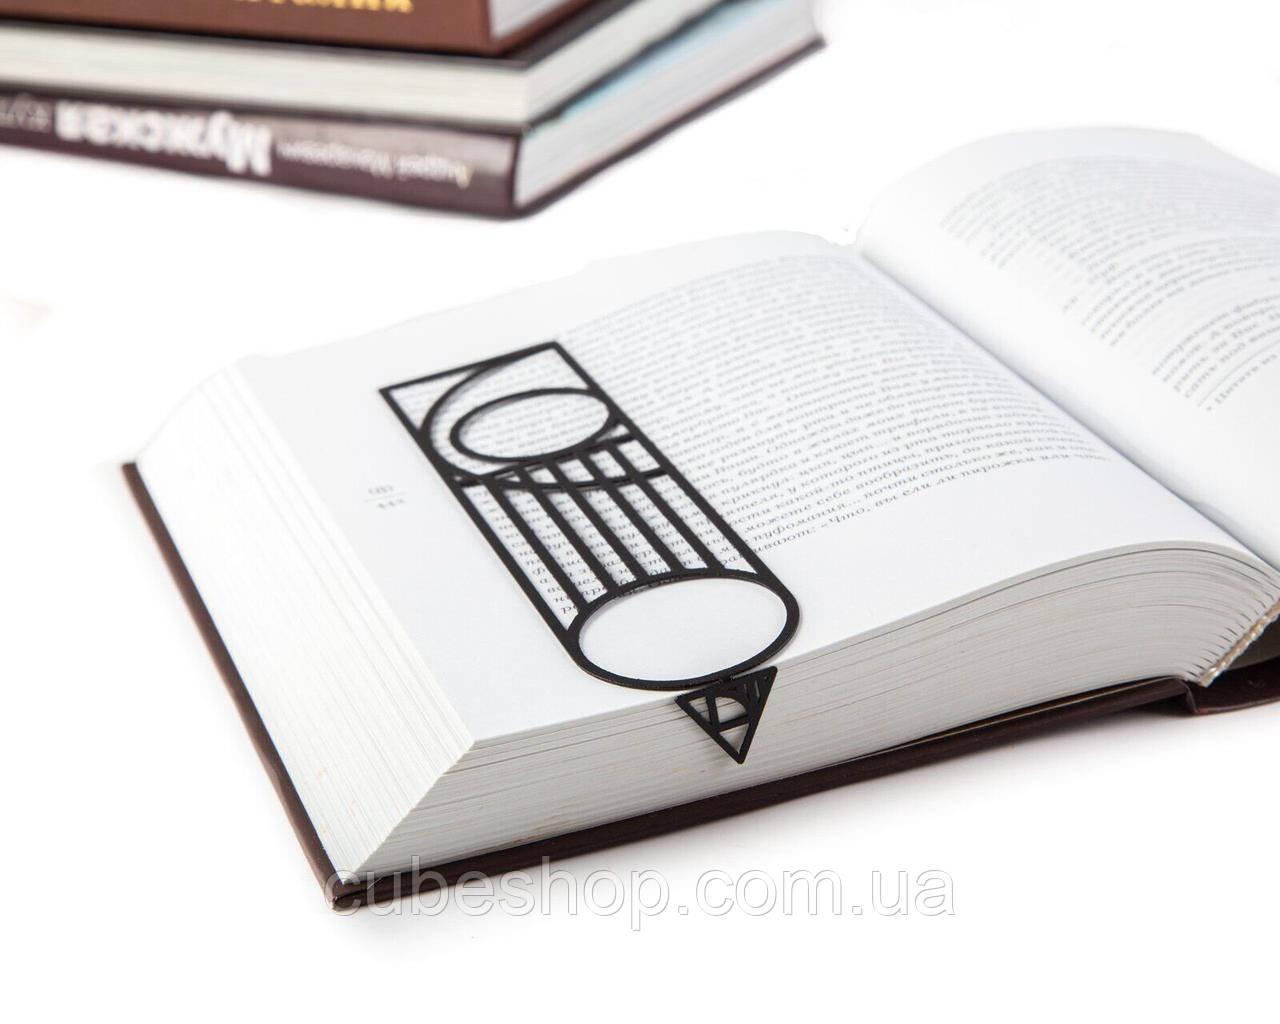 Закладка для книг Баухаус I (черный цвет)